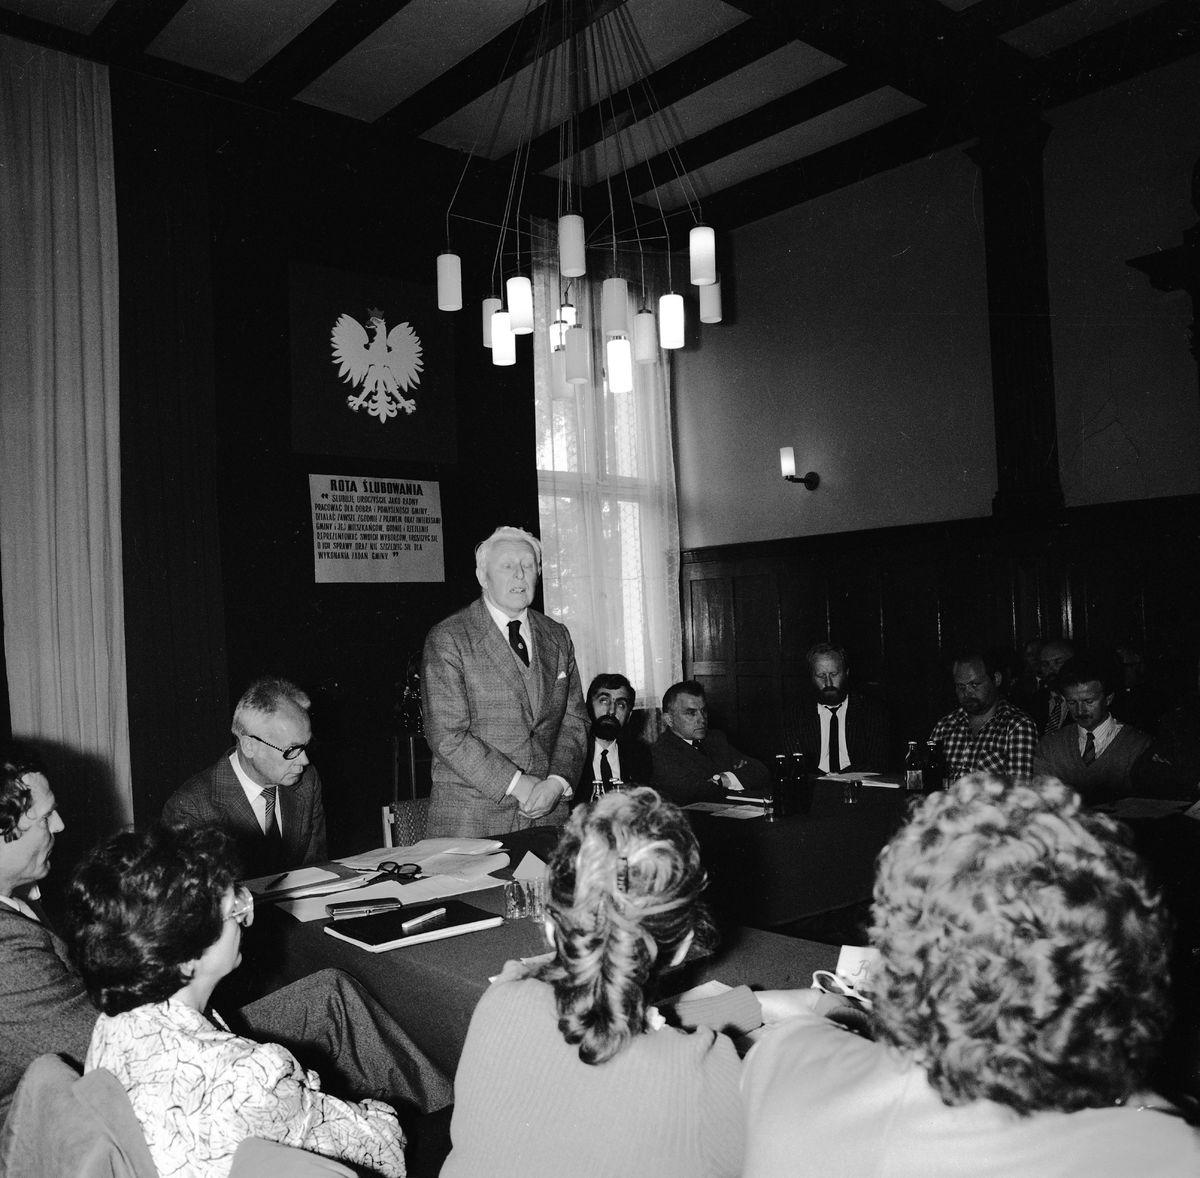 Uroczysta sesja Rady Miejskiej, 1990 r. [6]